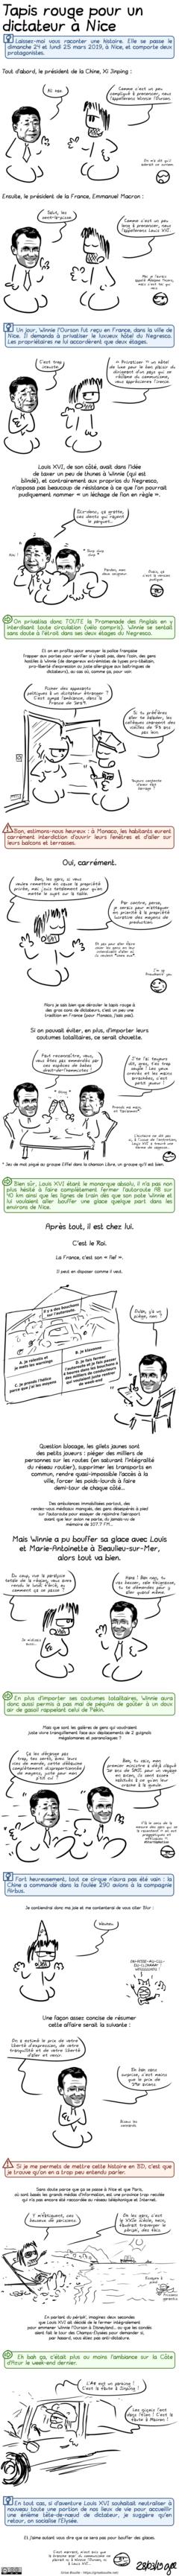 Tapis rouge pour un dictateur à Nice